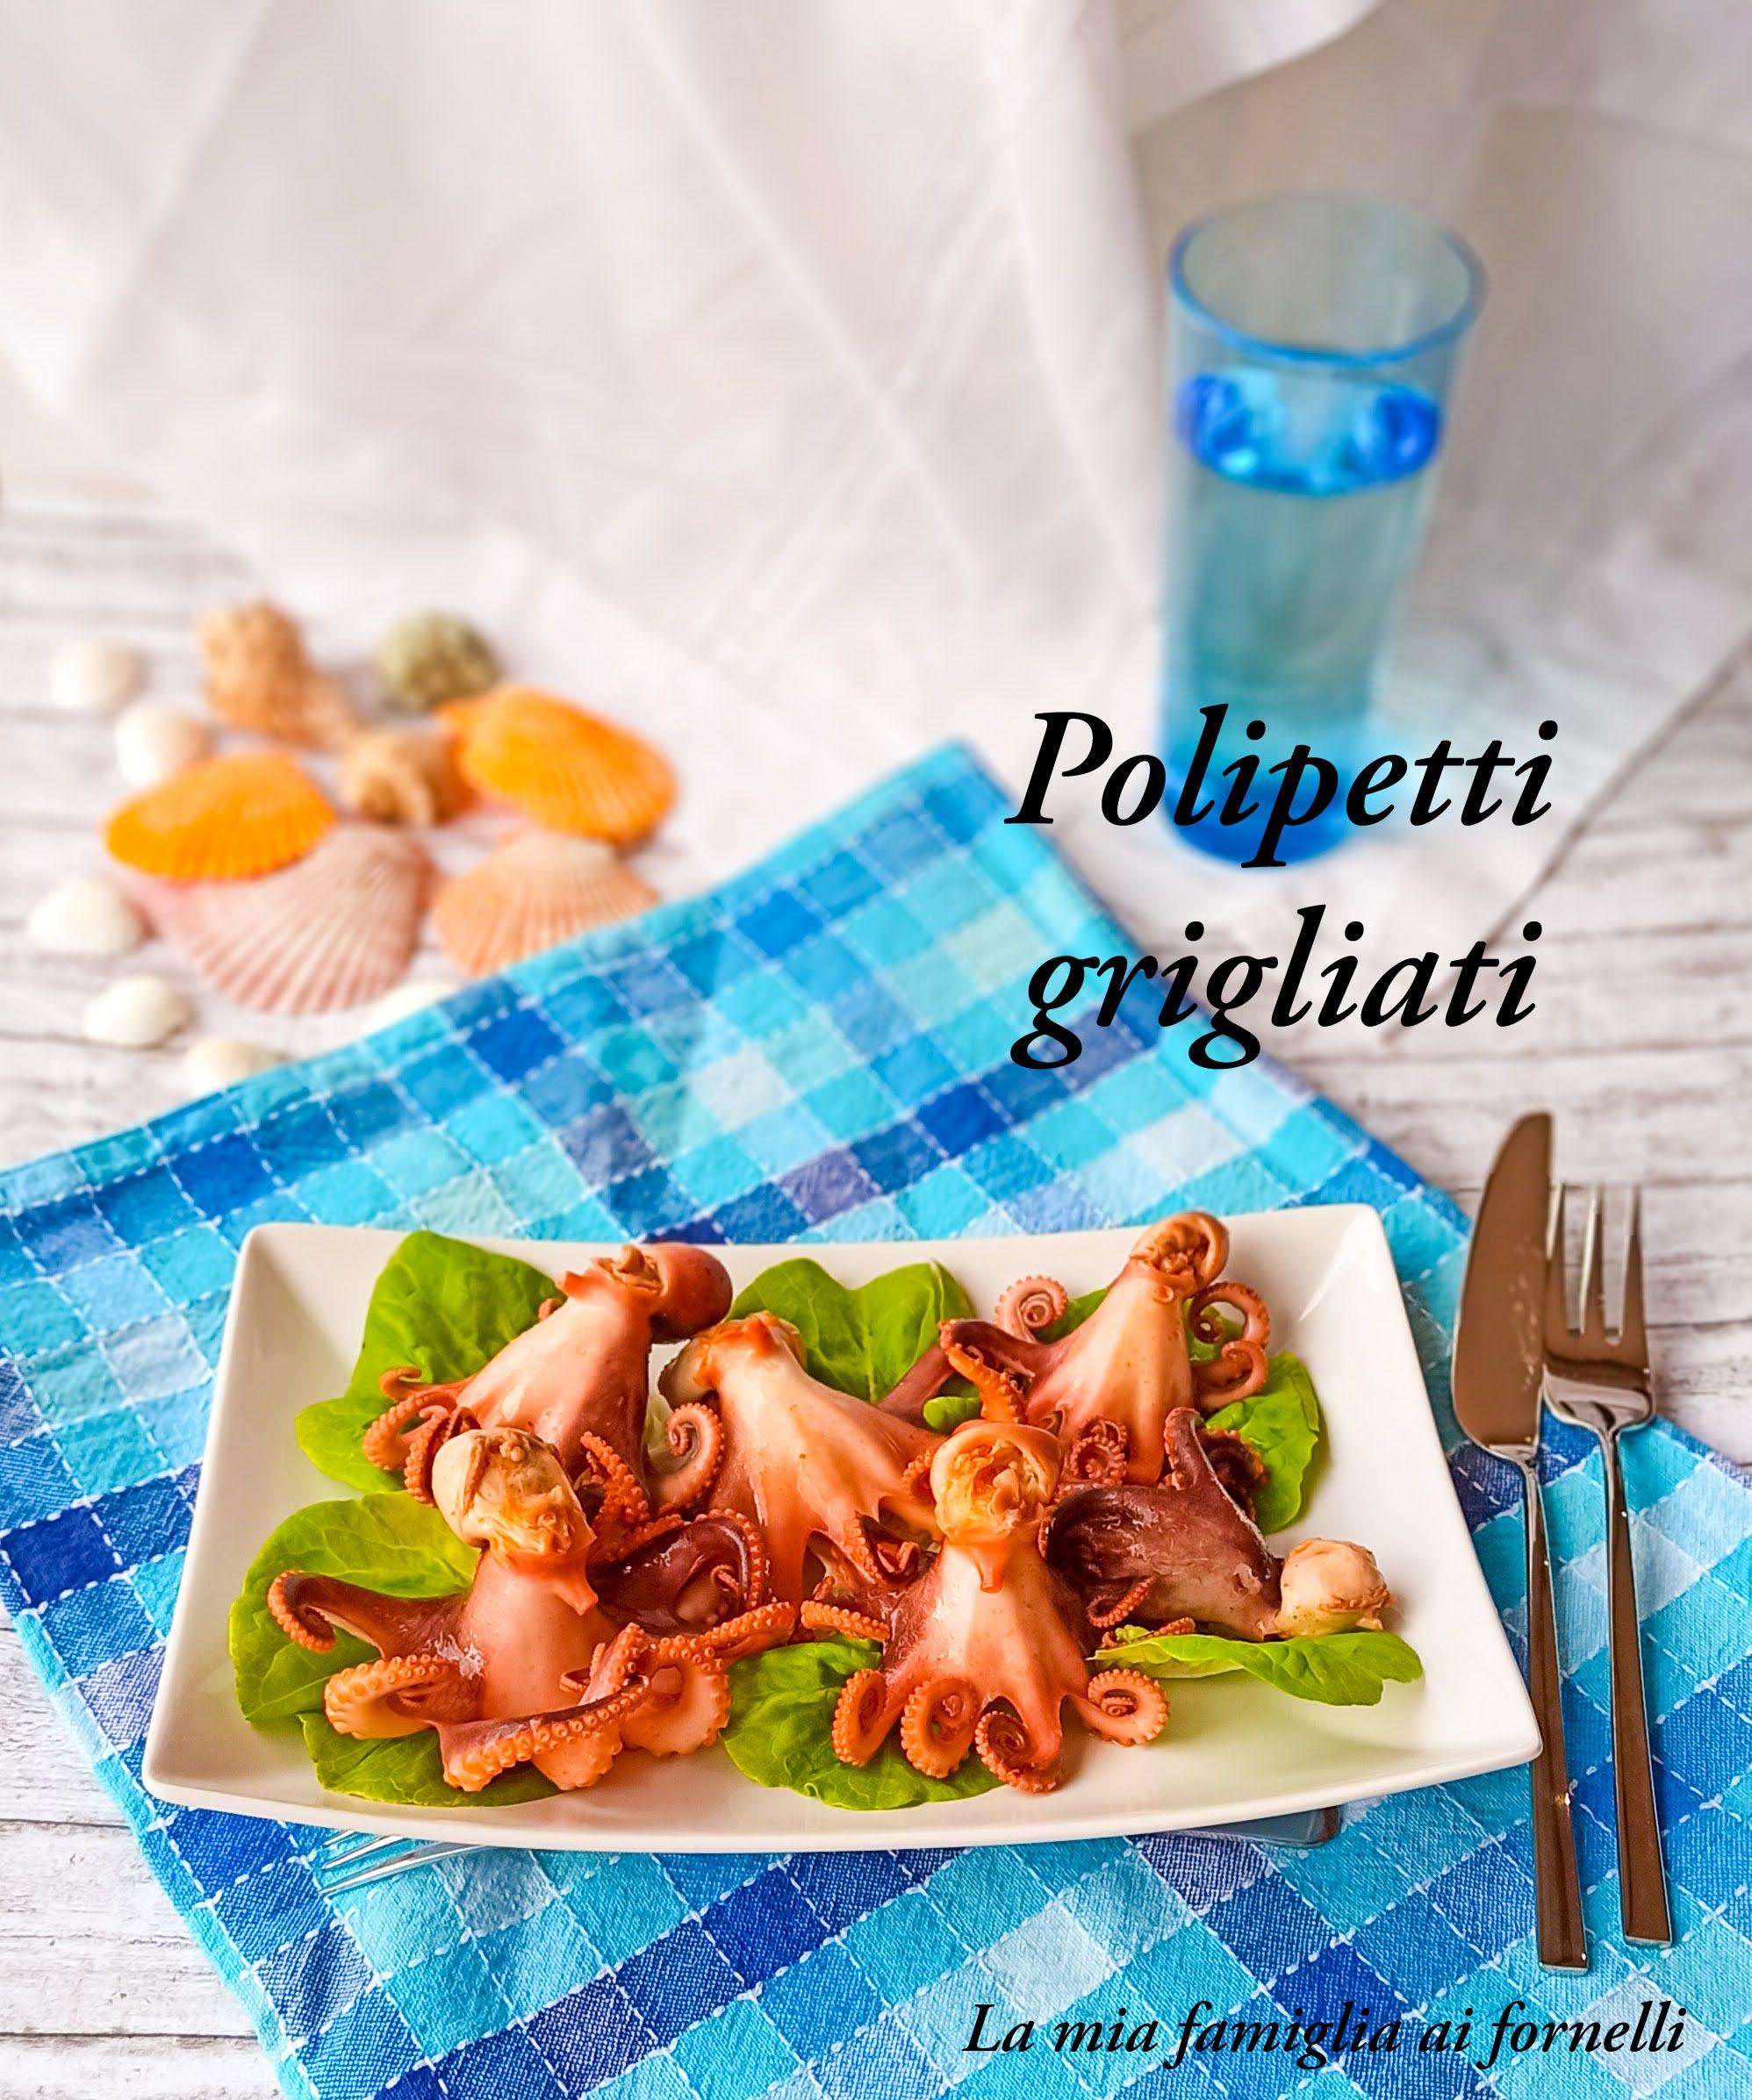 Polipetti grigliati